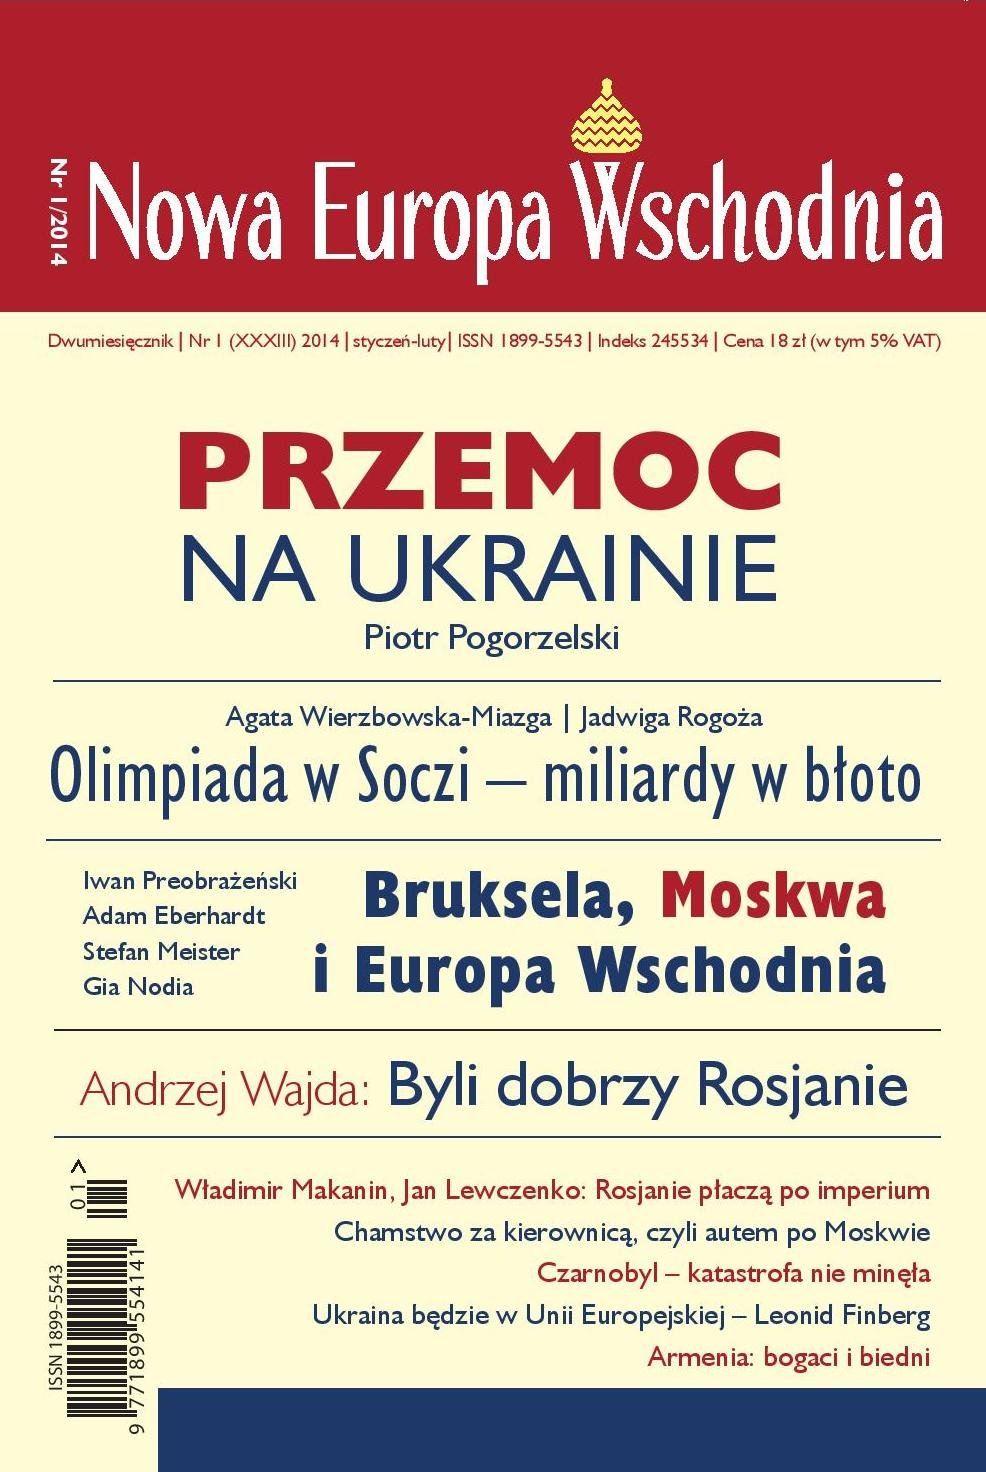 Nowa Europa Wschodnia 1/2014 - Ebook (Książka PDF) do pobrania w formacie PDF